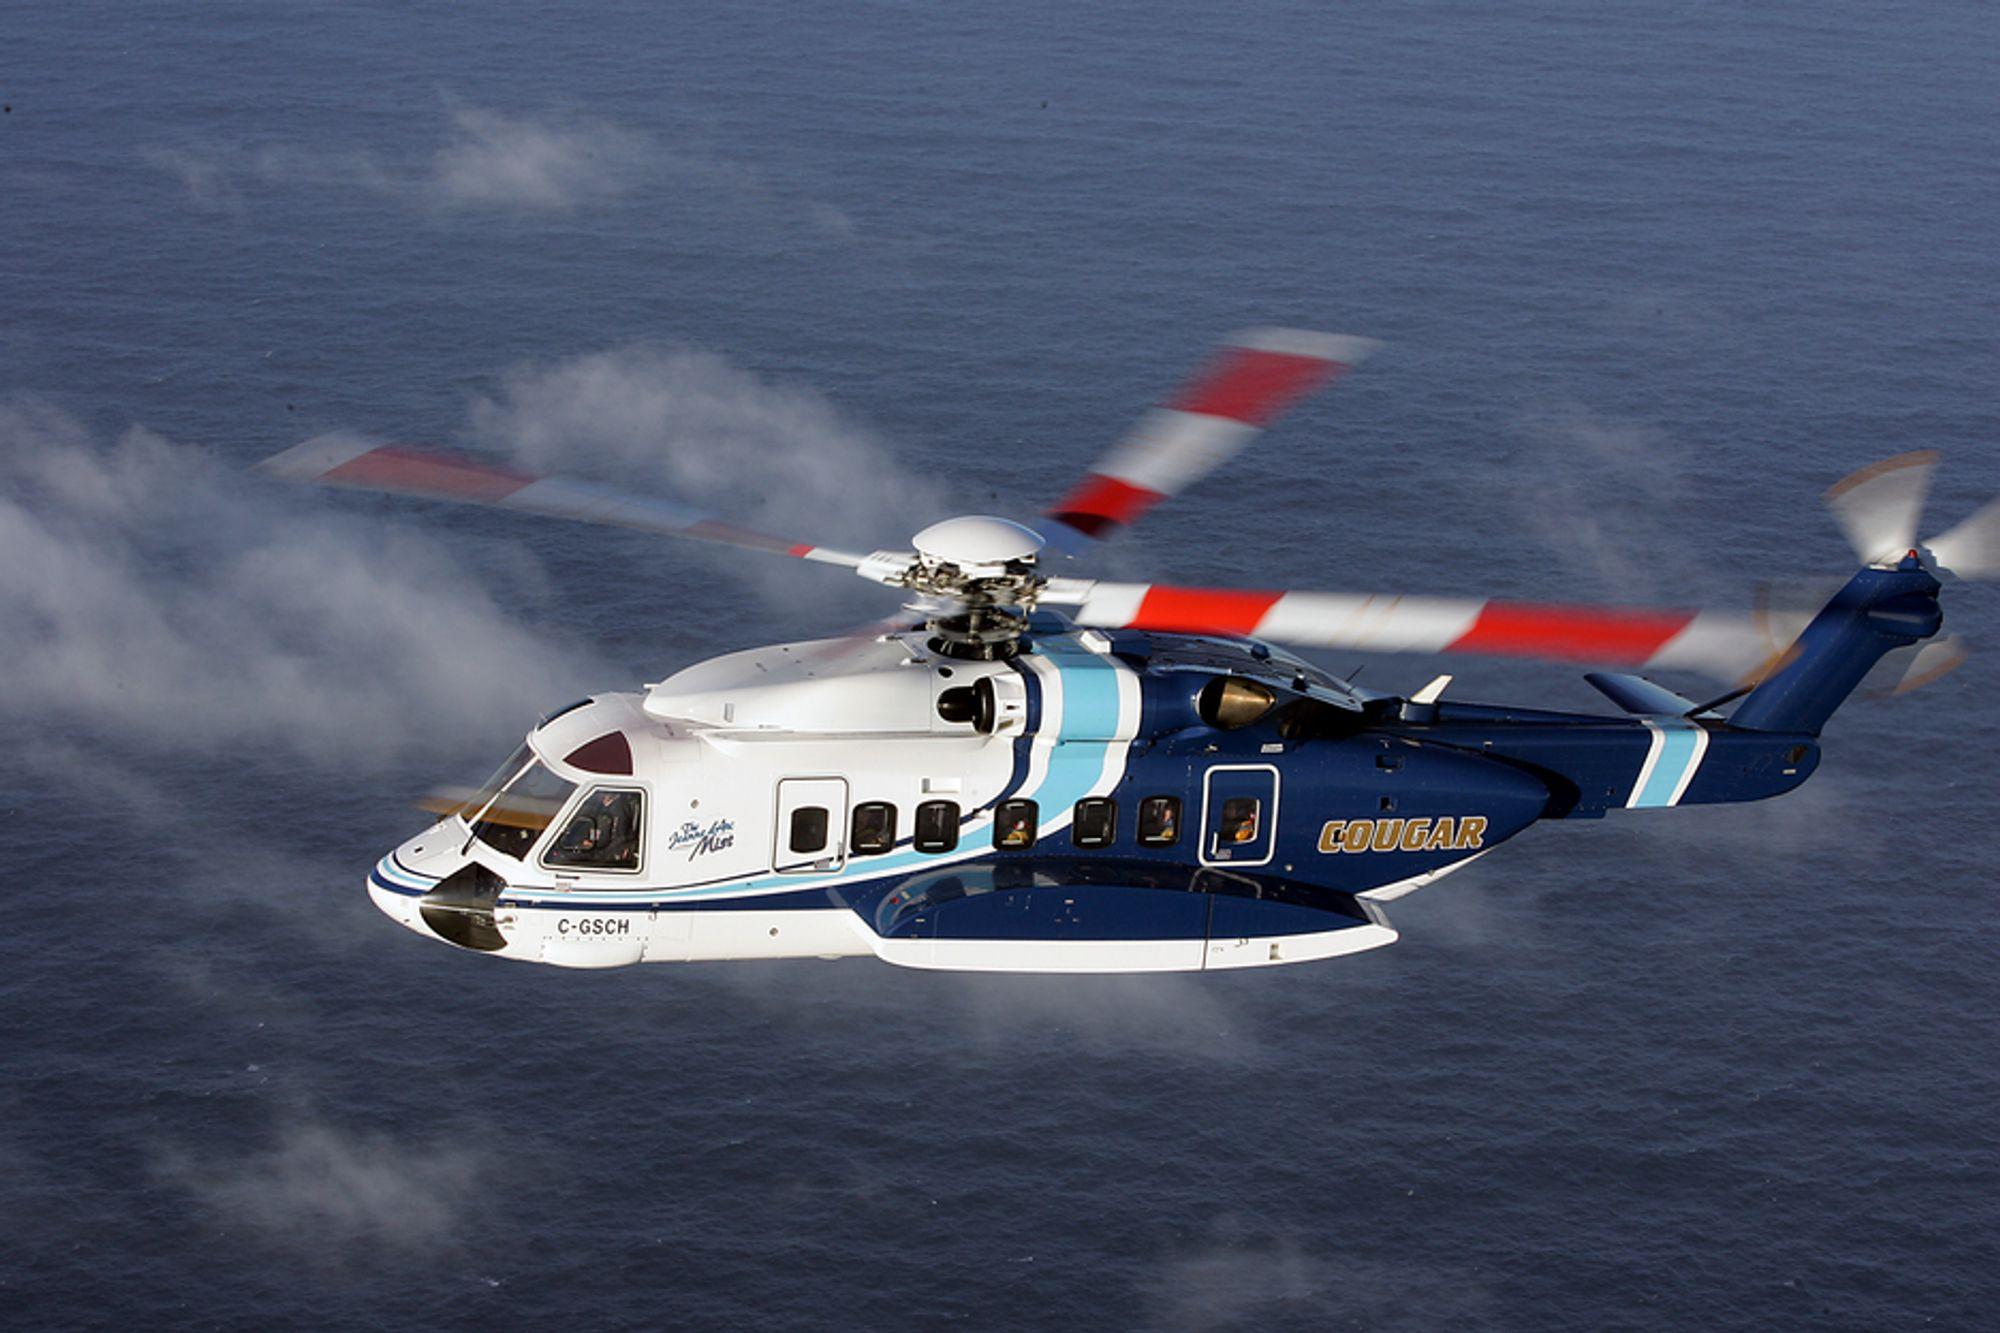 Det var en slik S-92-maskin fra Cougar Helicopters som styrtet i Atlanterhavet i mars i fjor.